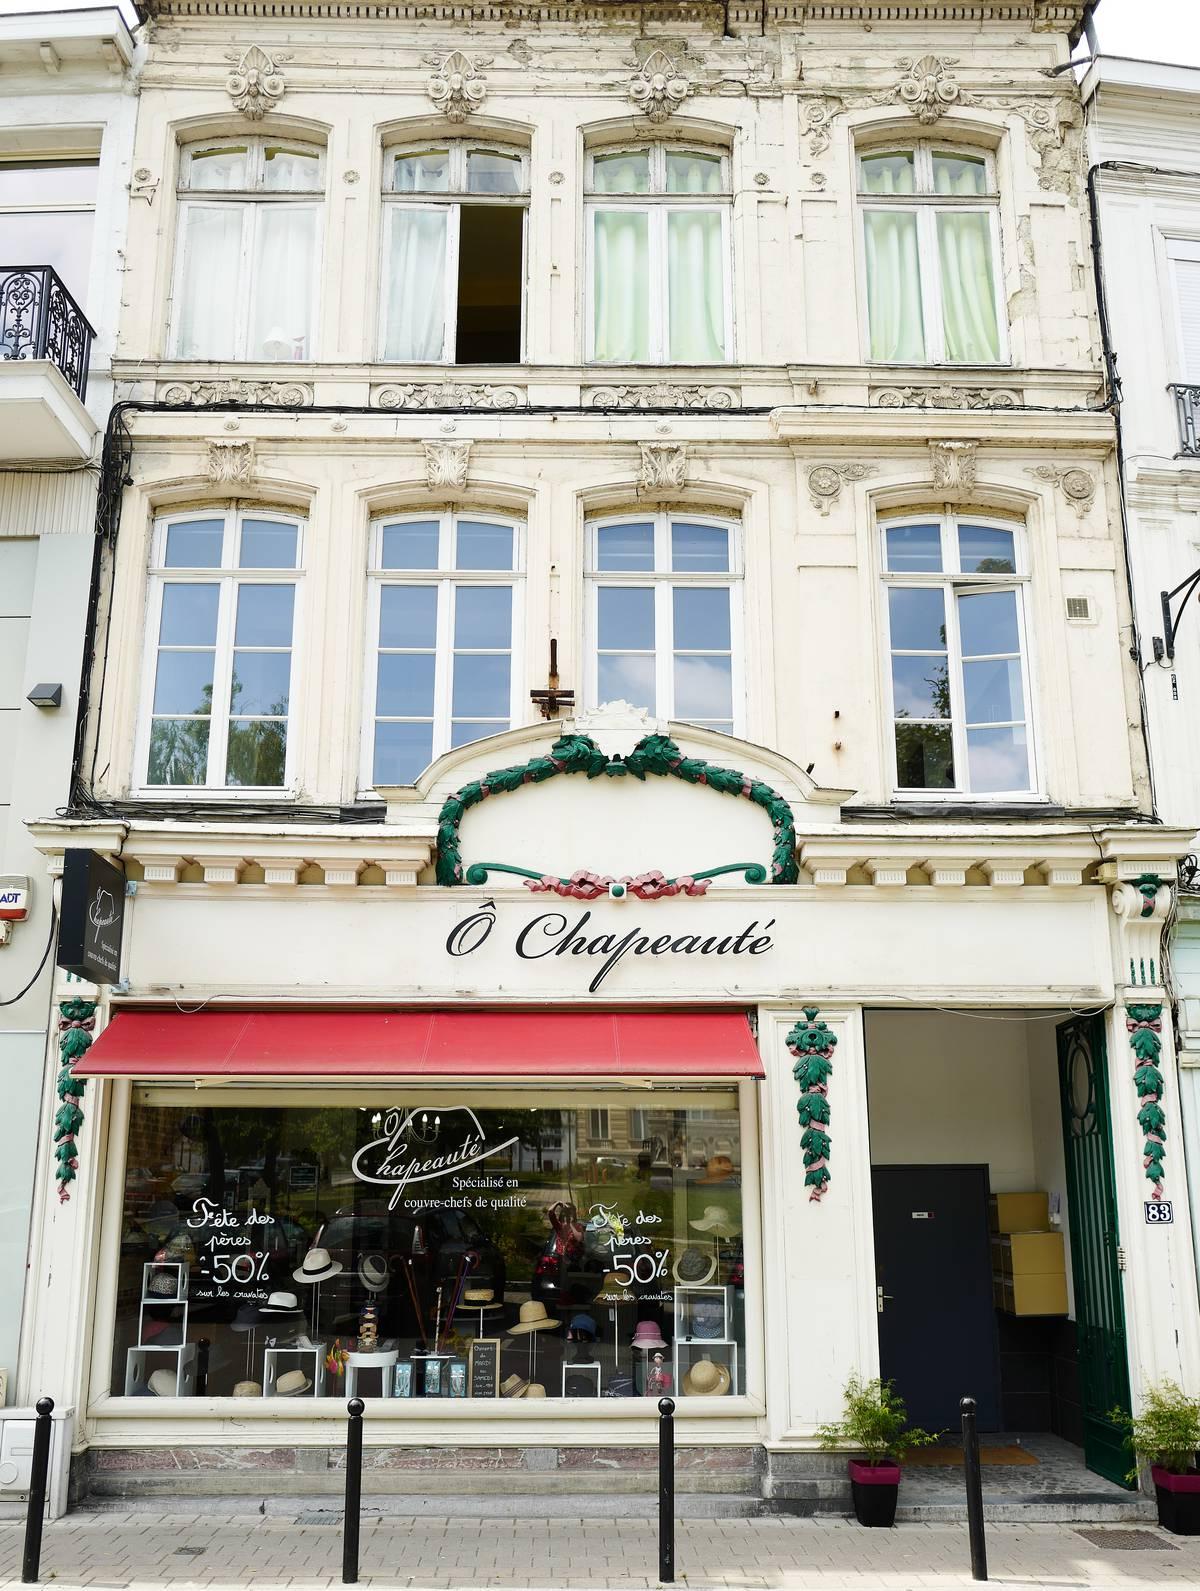 Das froissart viertel office de tourisme valenciennes tourisme congr s - Office tourisme valenciennes ...